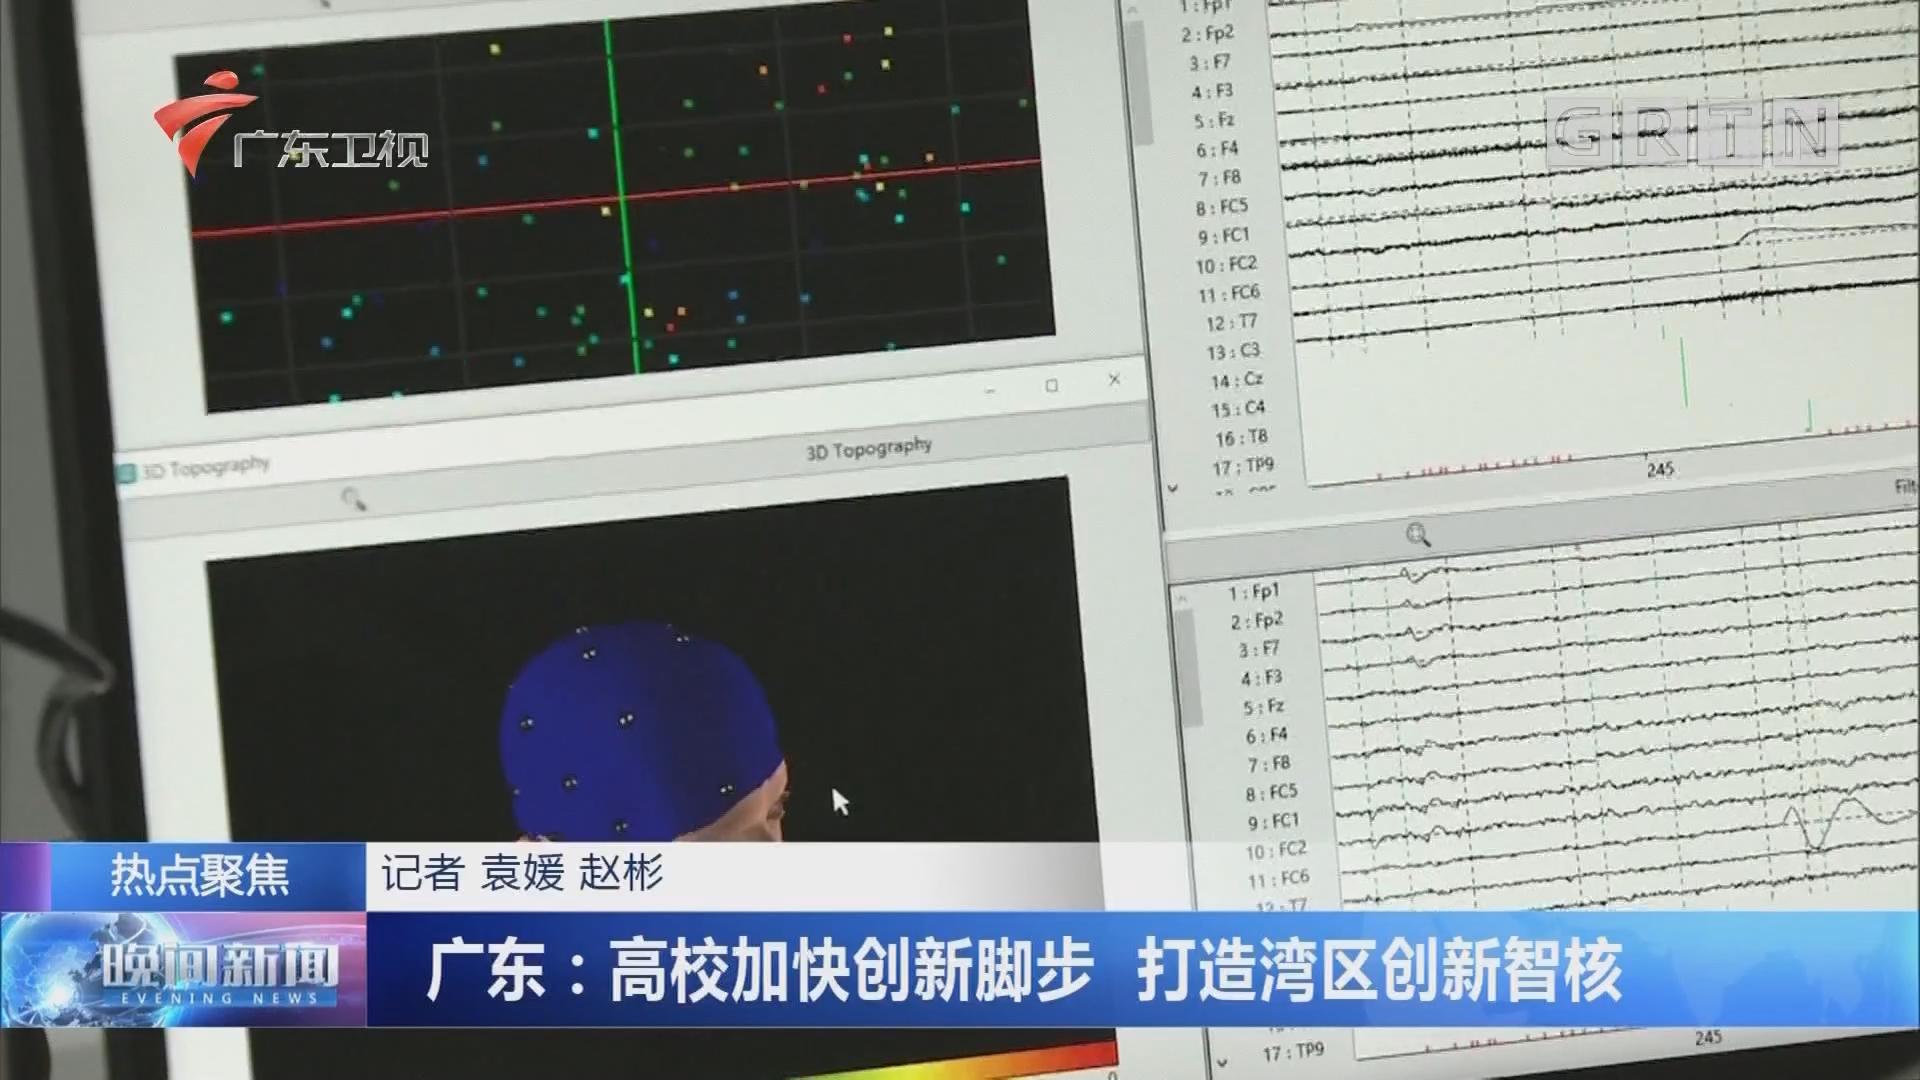 广东:高校加快创新脚步 打造湾区创新智核